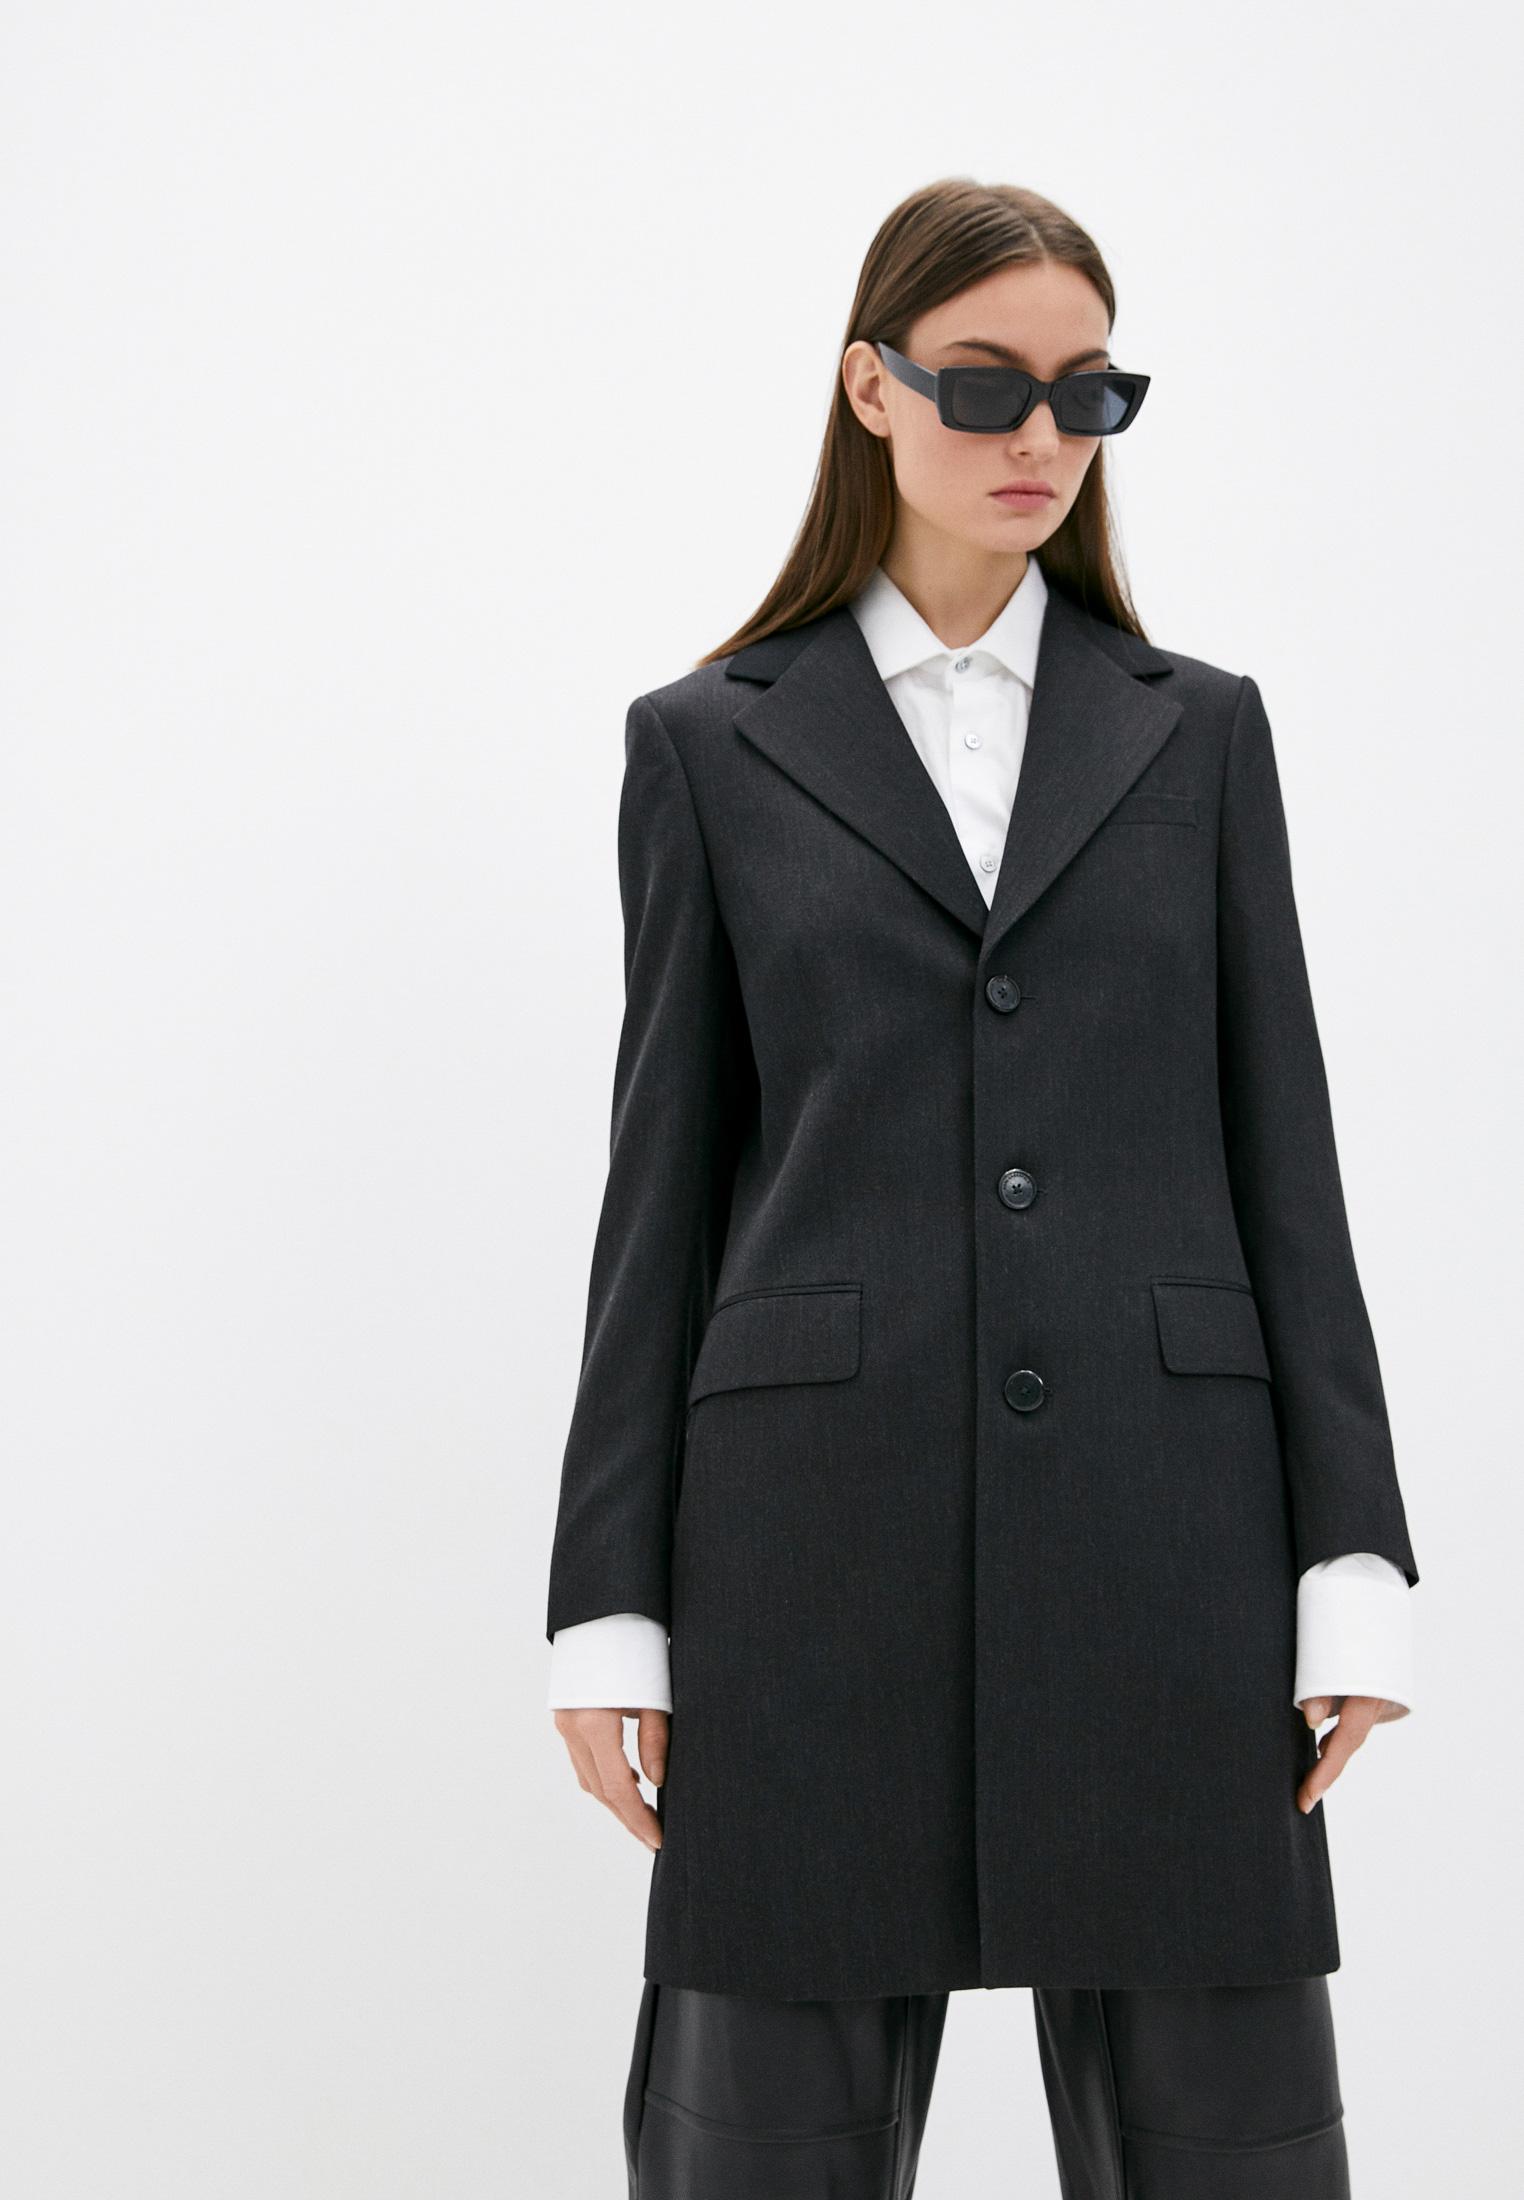 Женские пальто Karl Lagerfeld Пальто Karl Lagerfeld